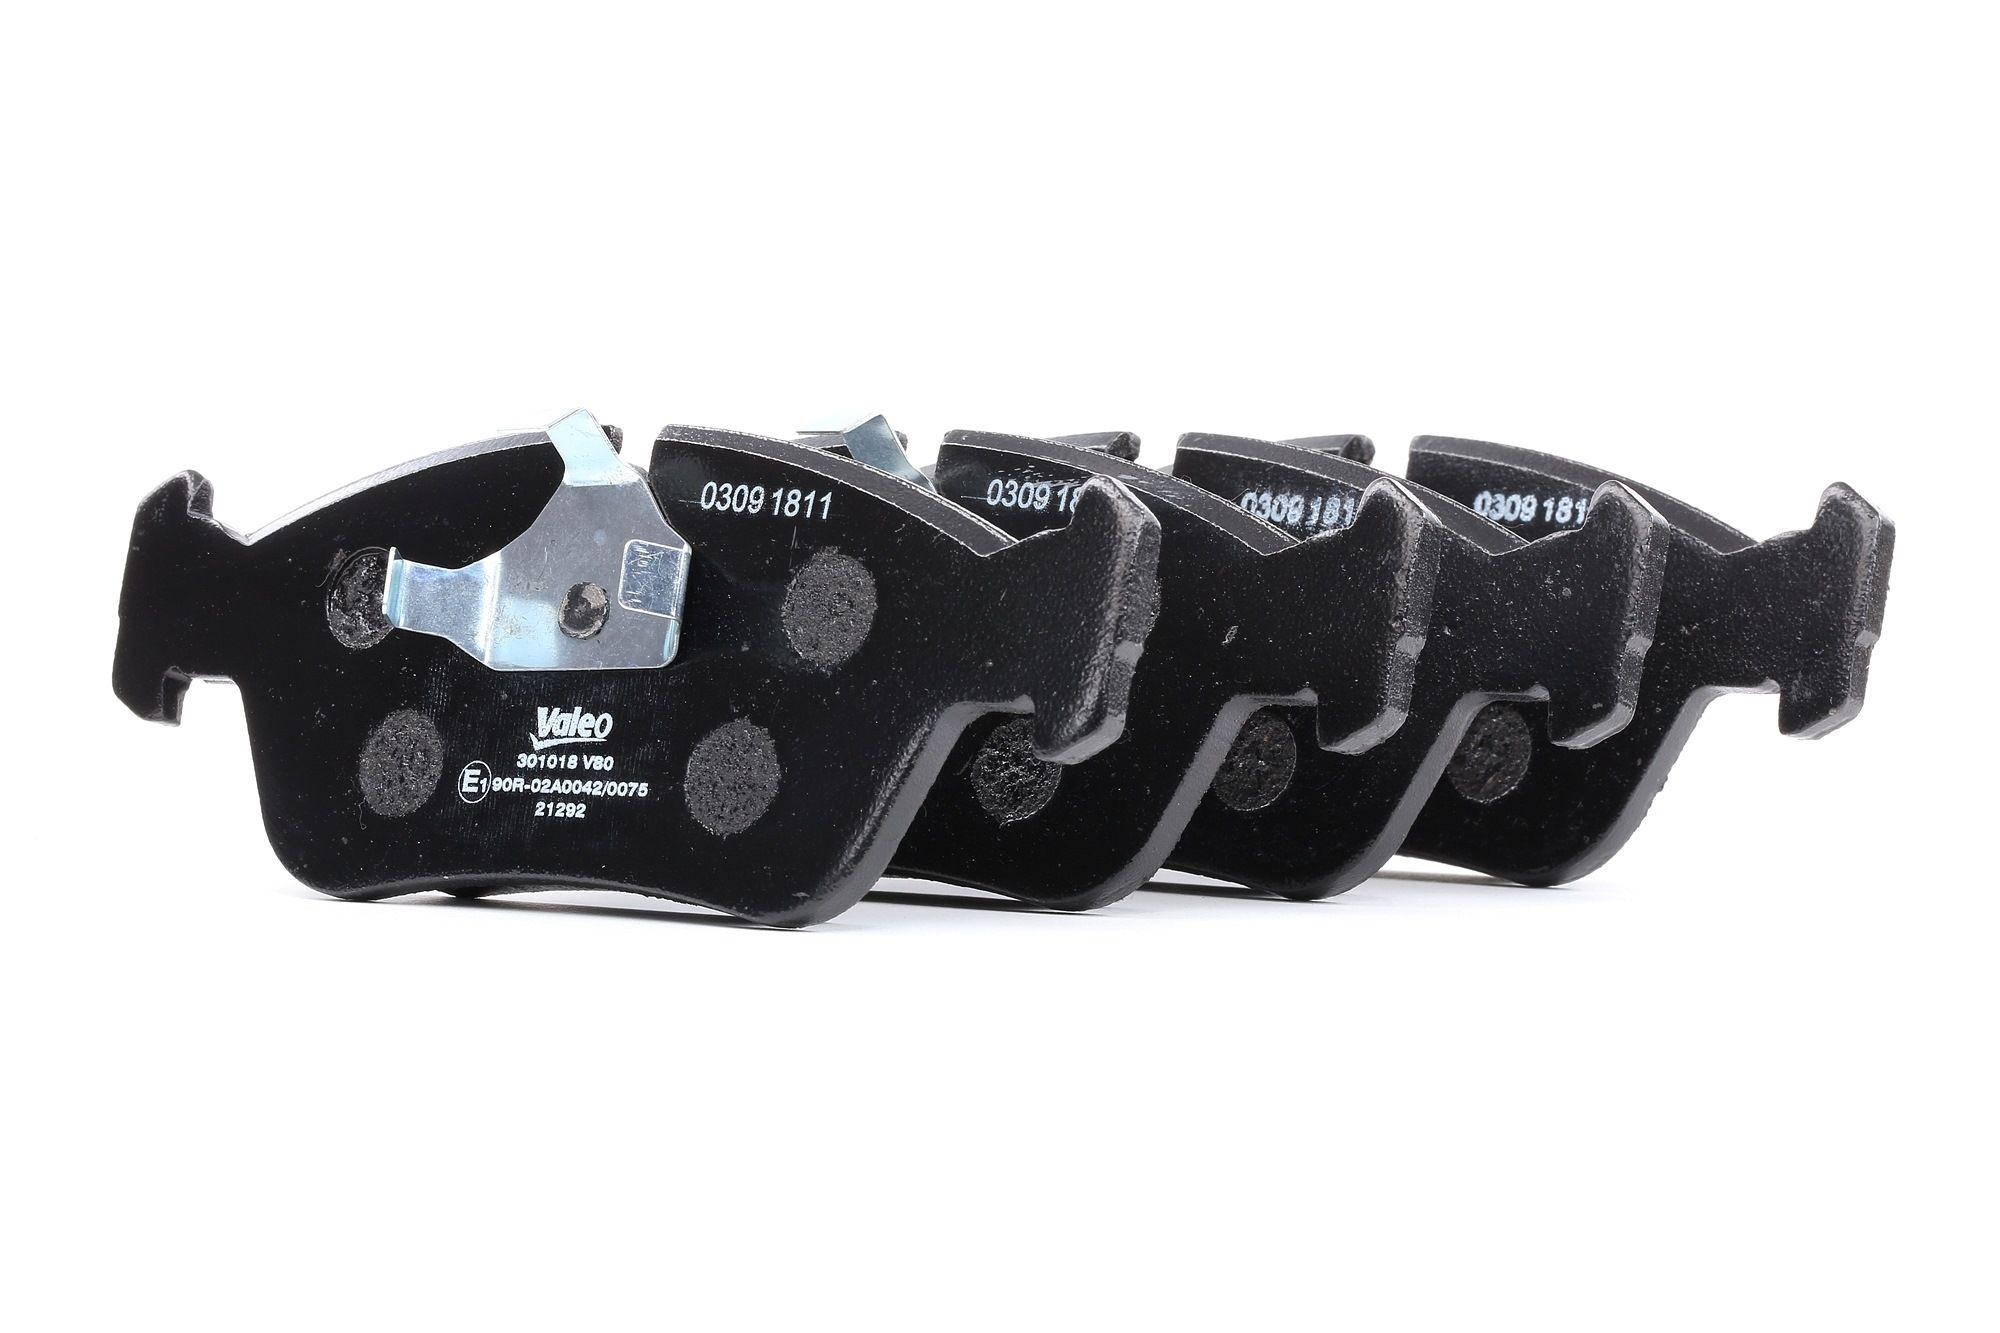 Bremsbelagsatz BMW E36 Compact hinten + vorne 2000 - VALEO 301018 (Höhe: 57,7mm, Breite: 151,5mm, Dicke/Stärke: 17mm)